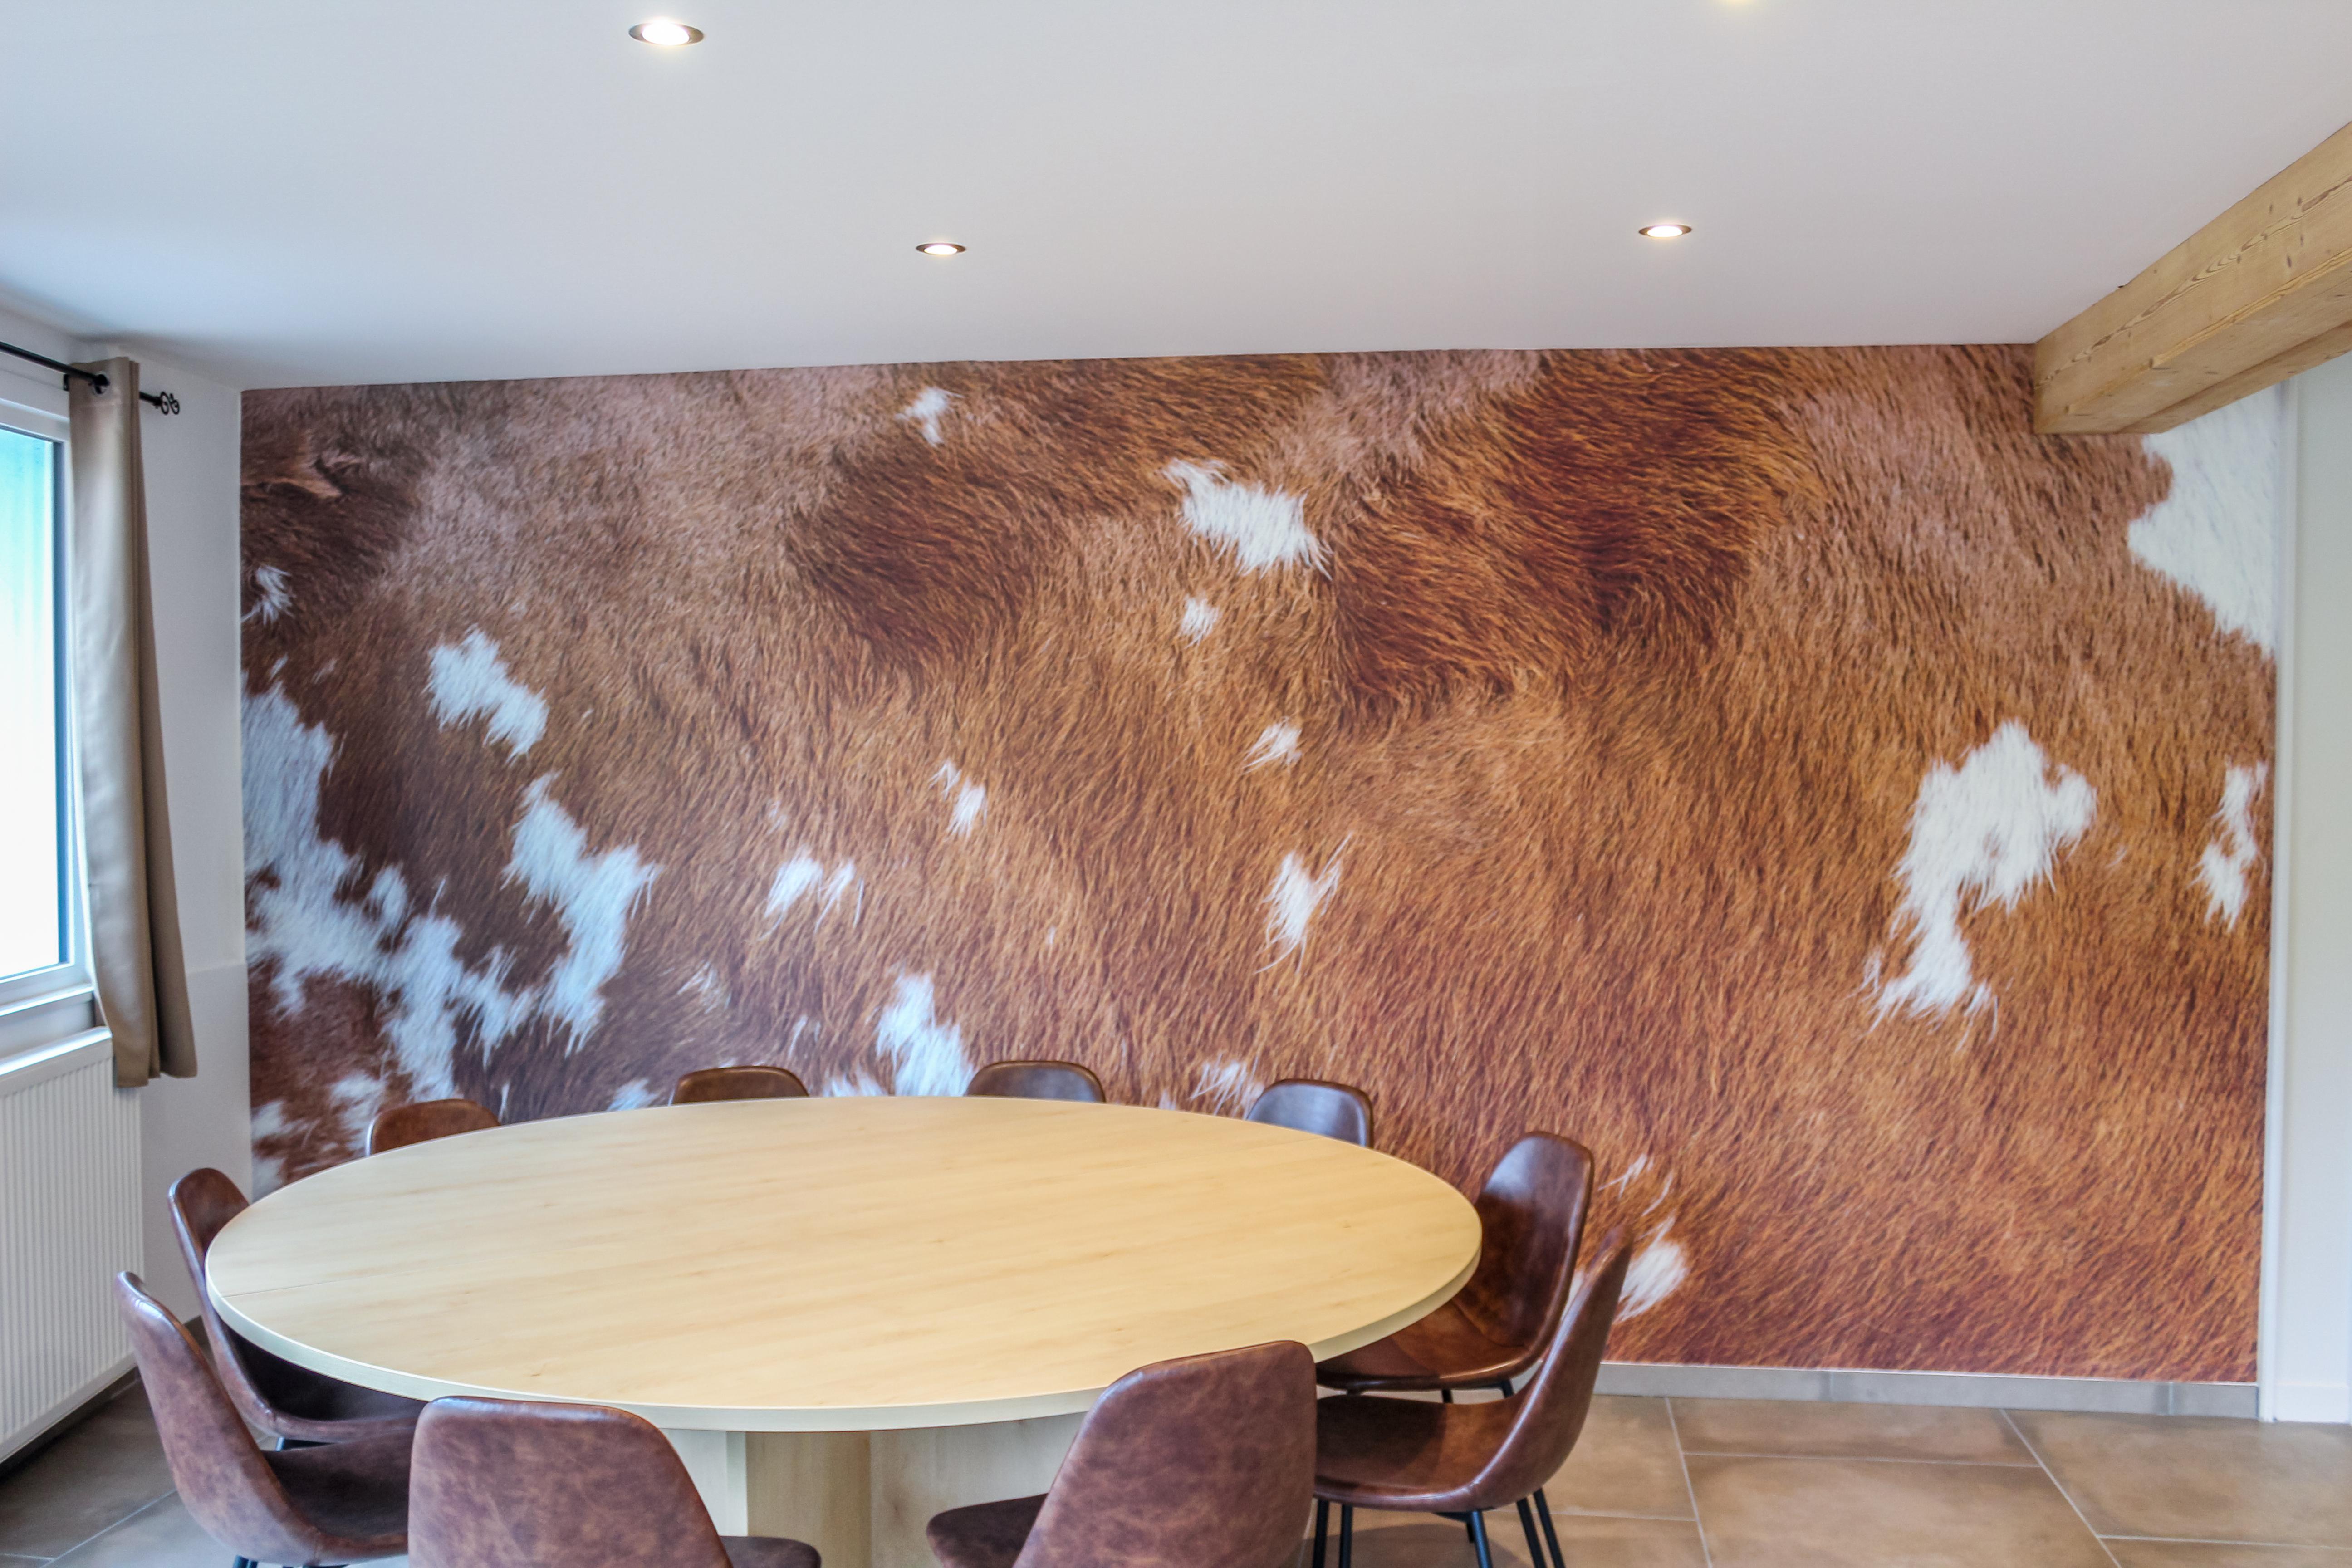 Table salle à manger, décor peau de vach